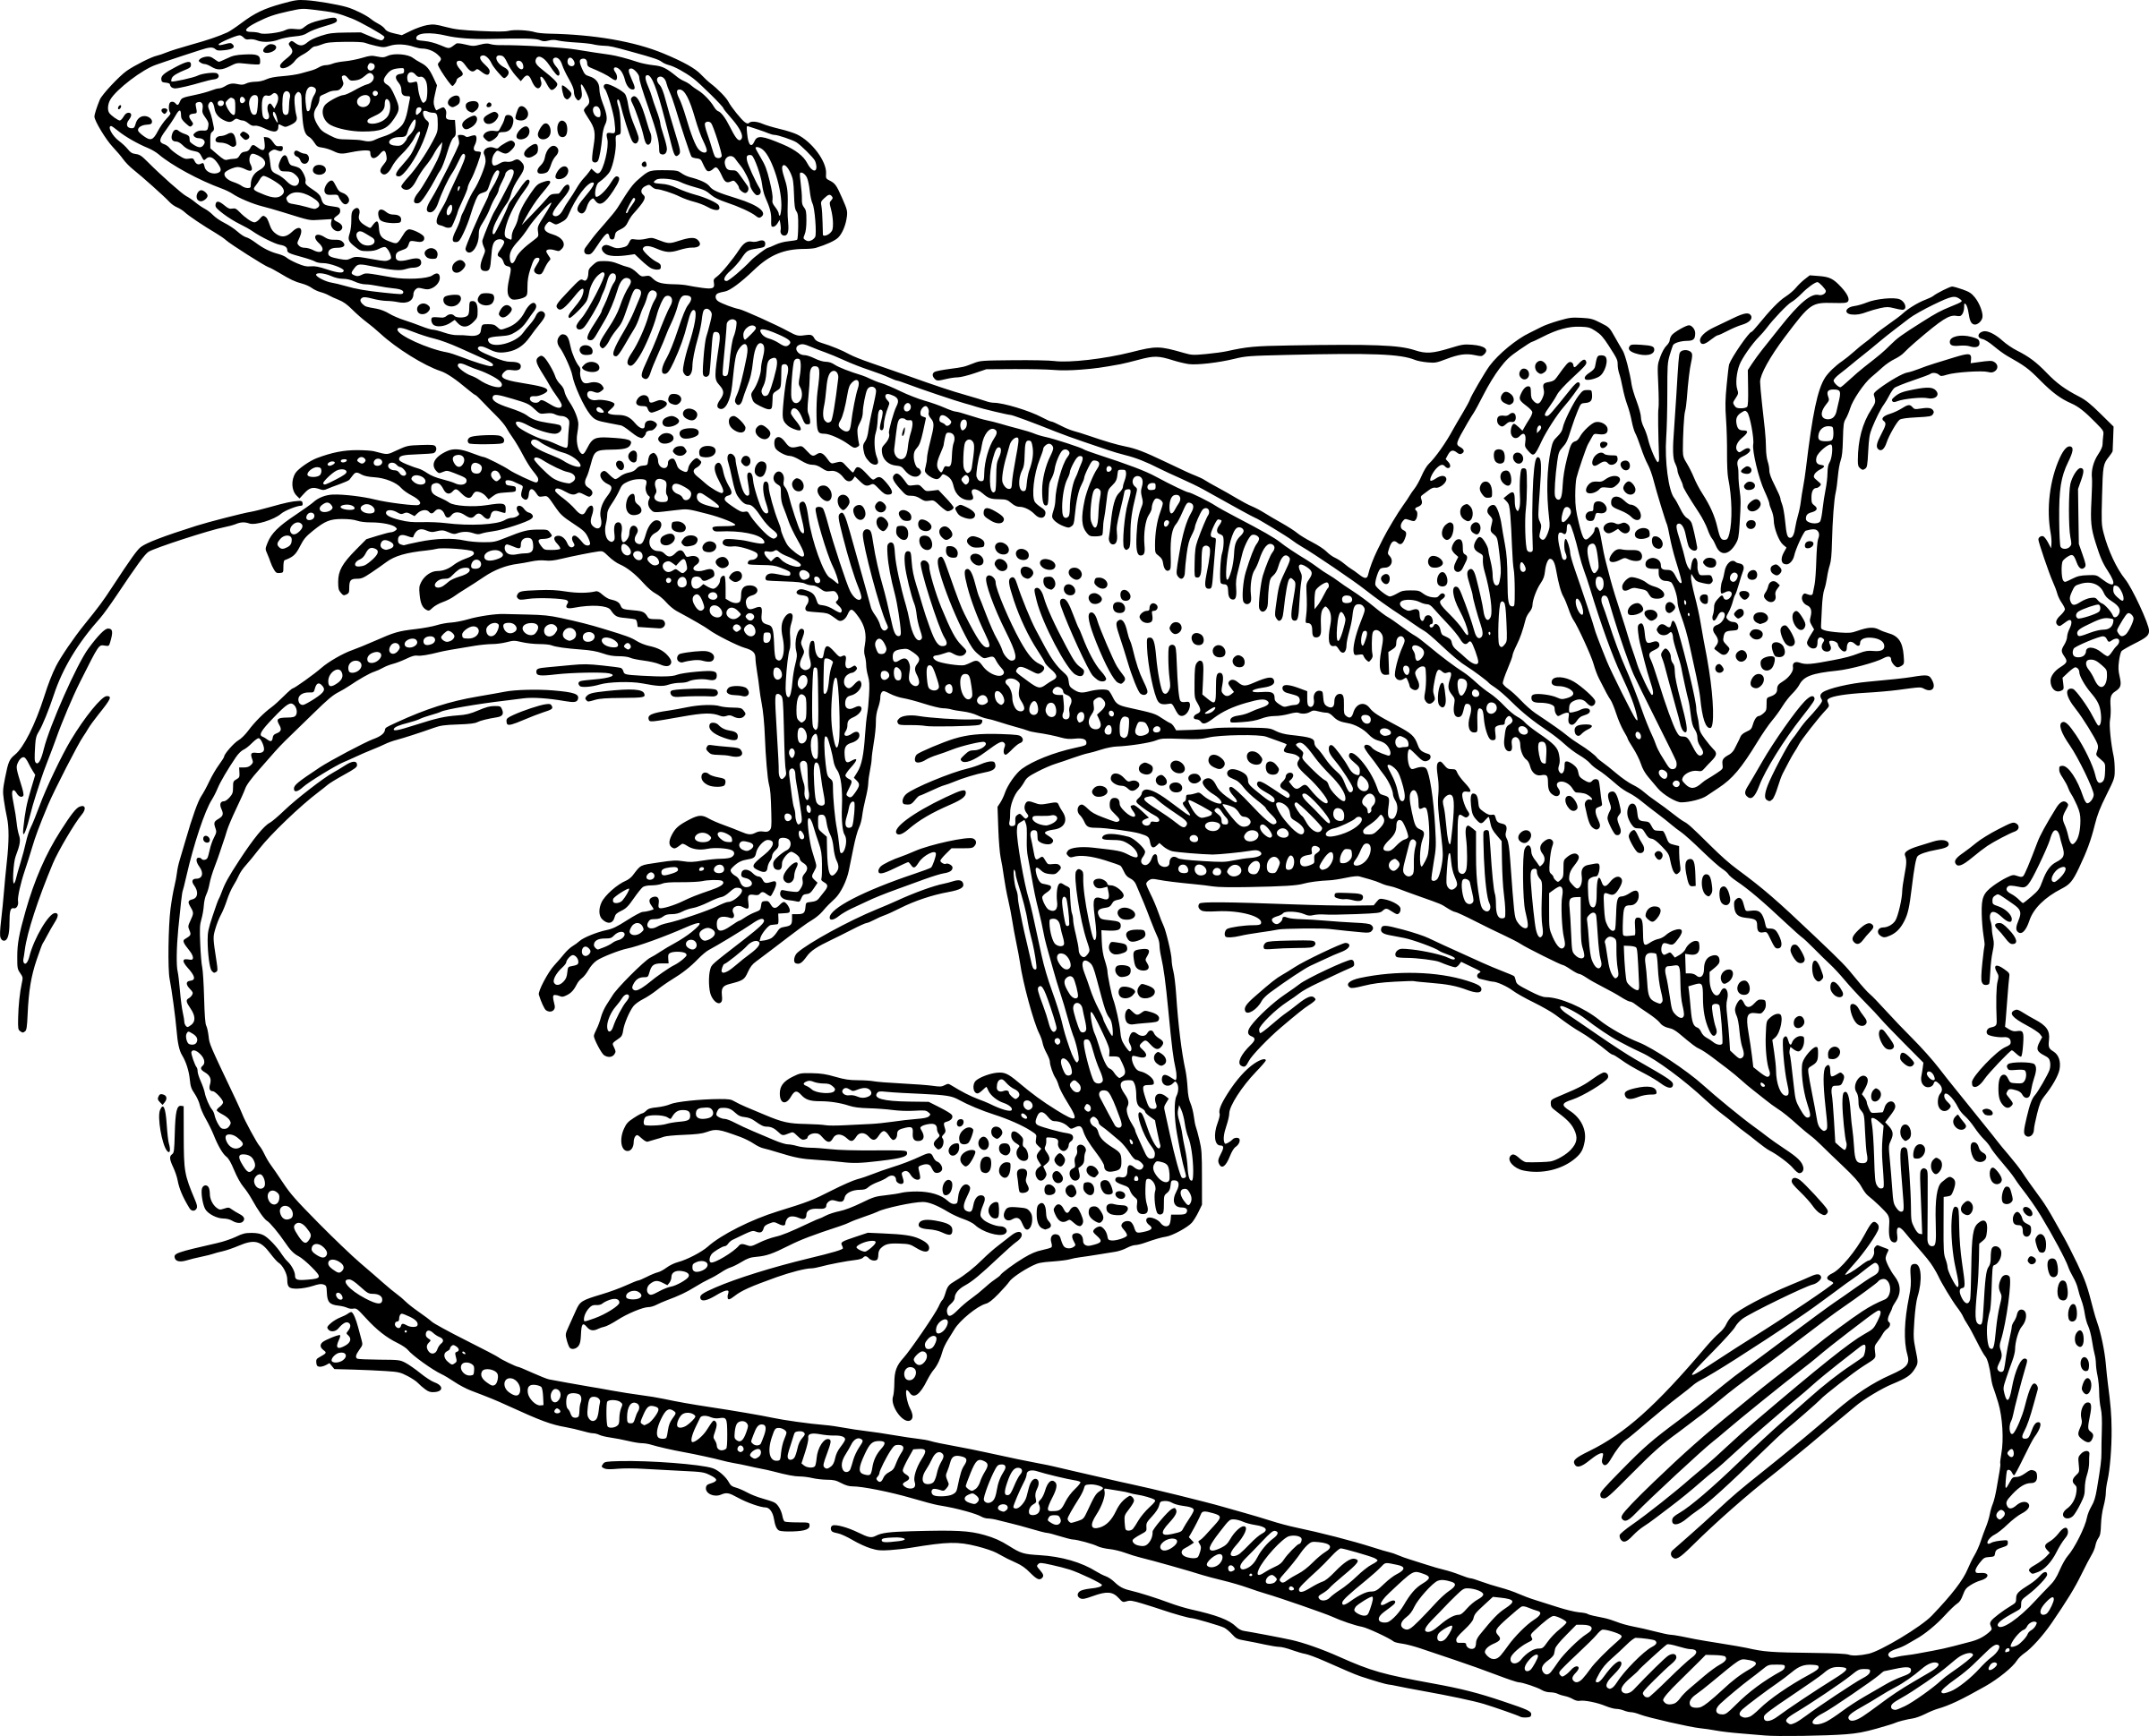 image transparent Clipart